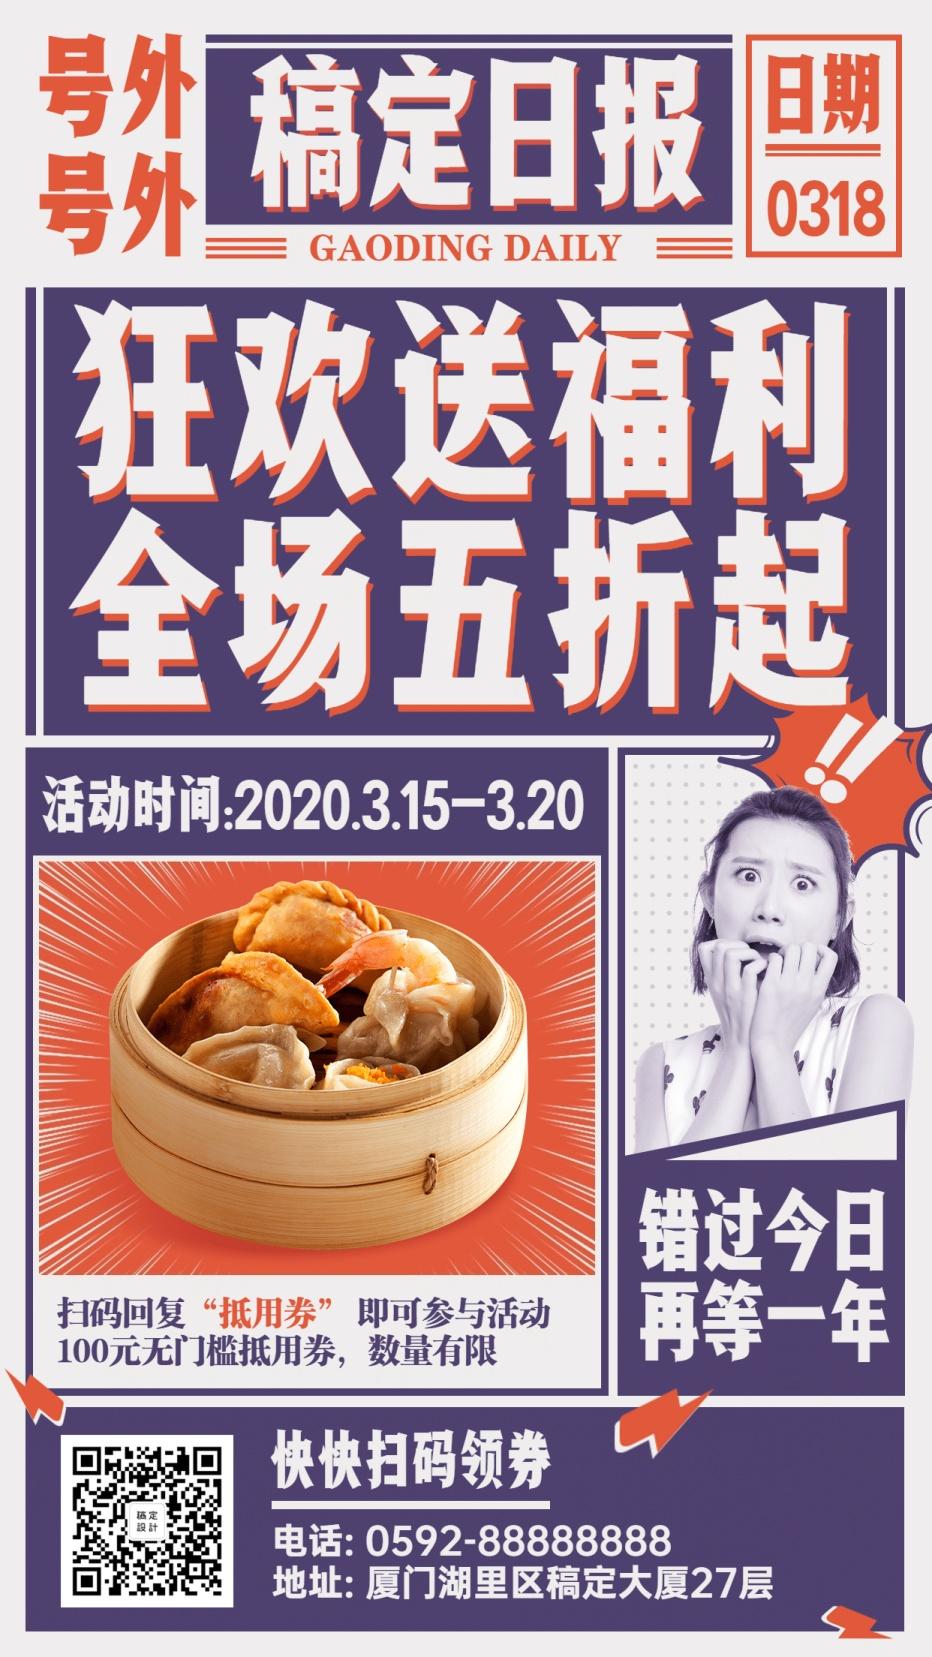 餐饮促销活动宣传海报